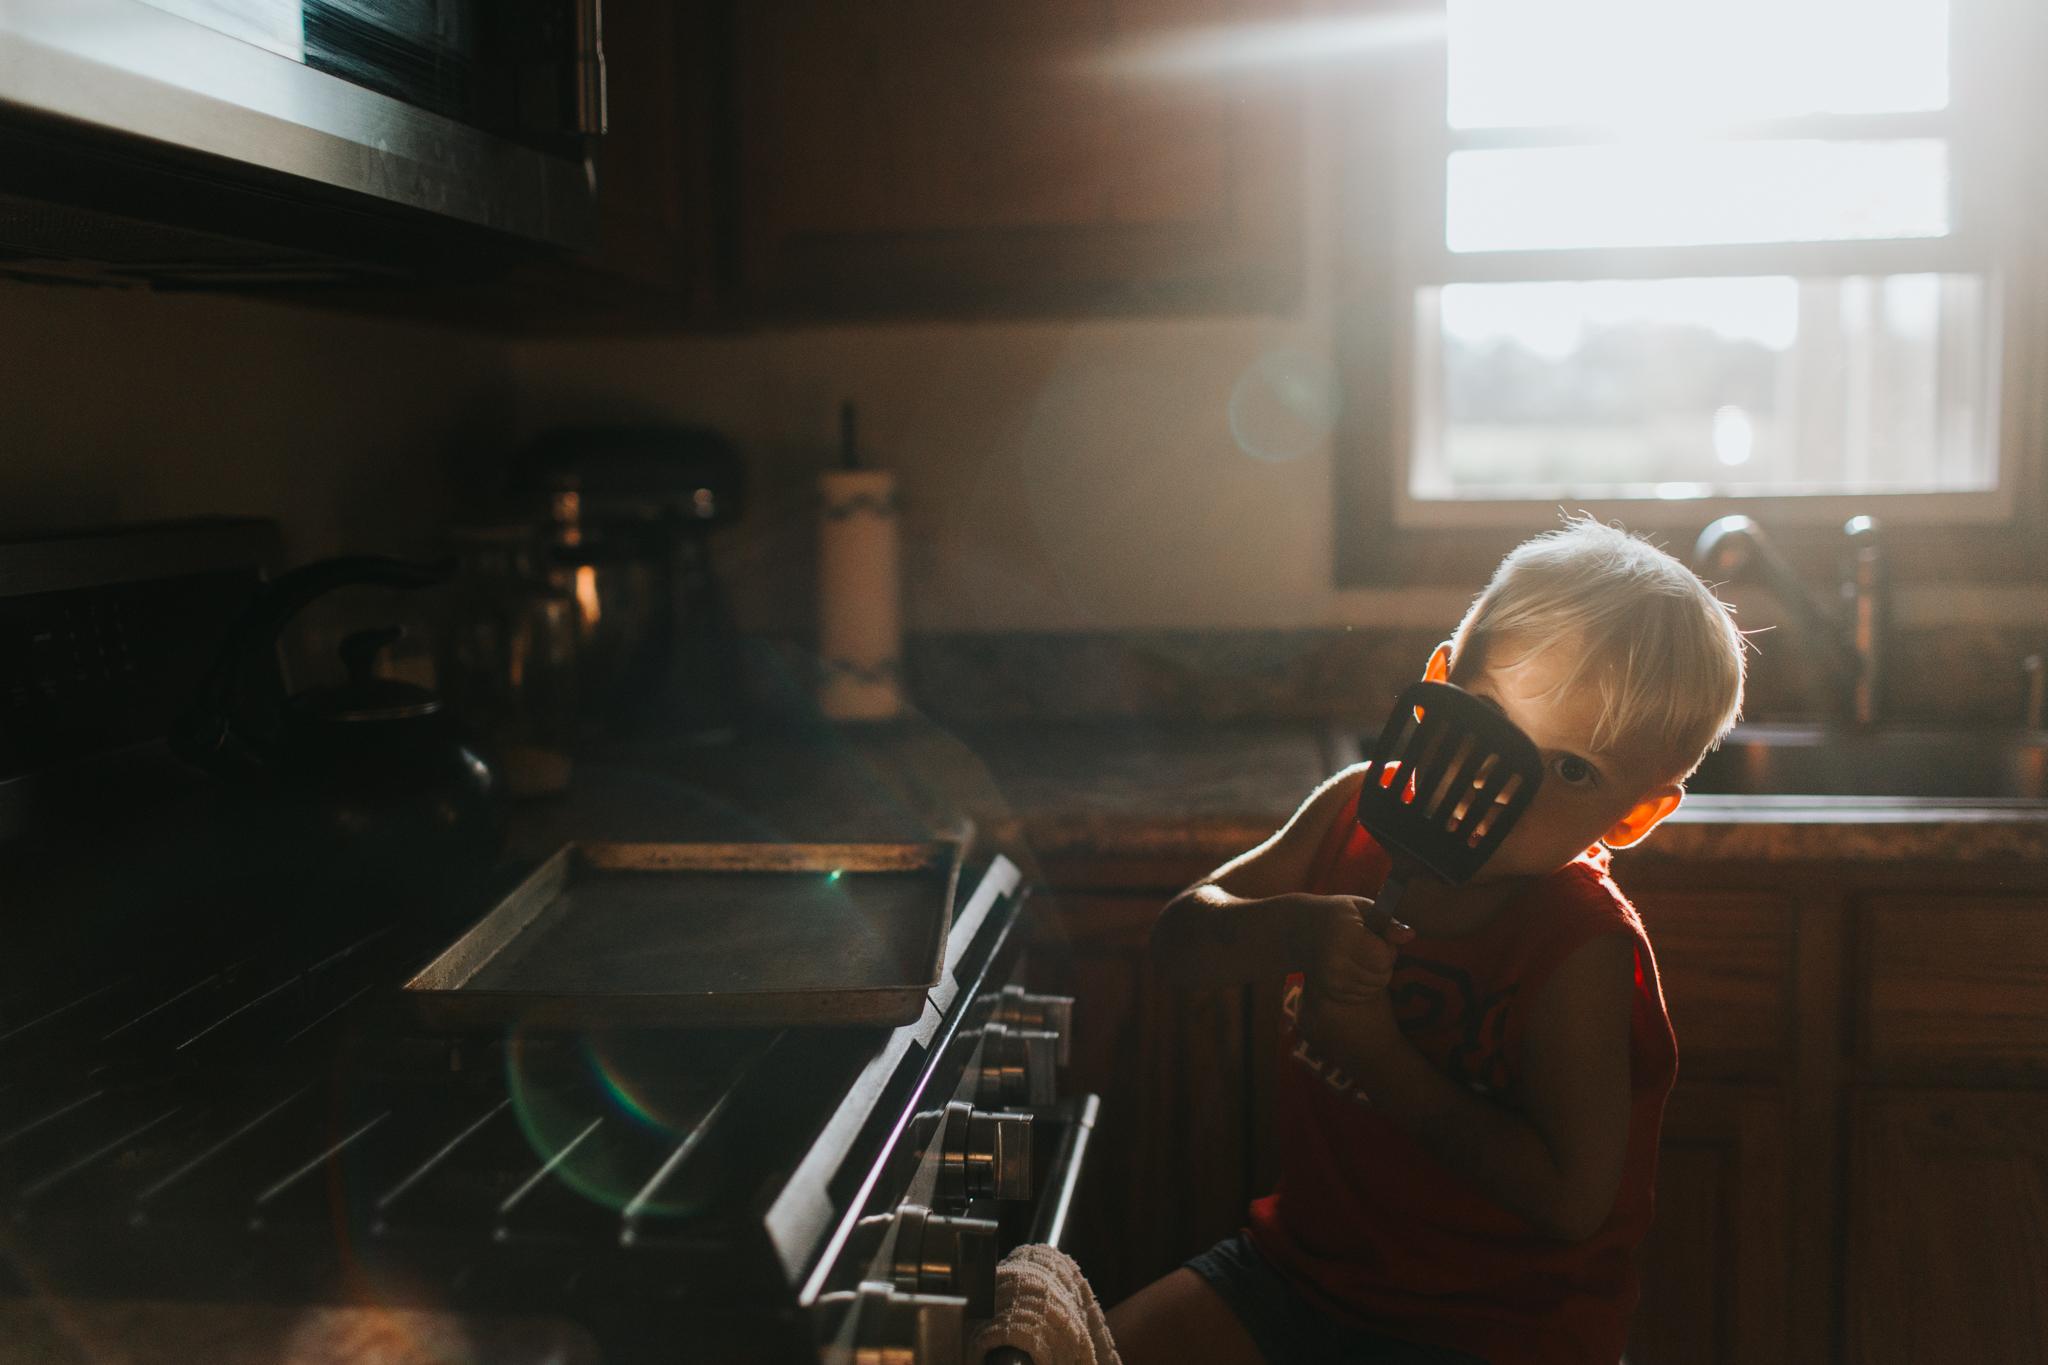 boy sitting in sunlit kitchen